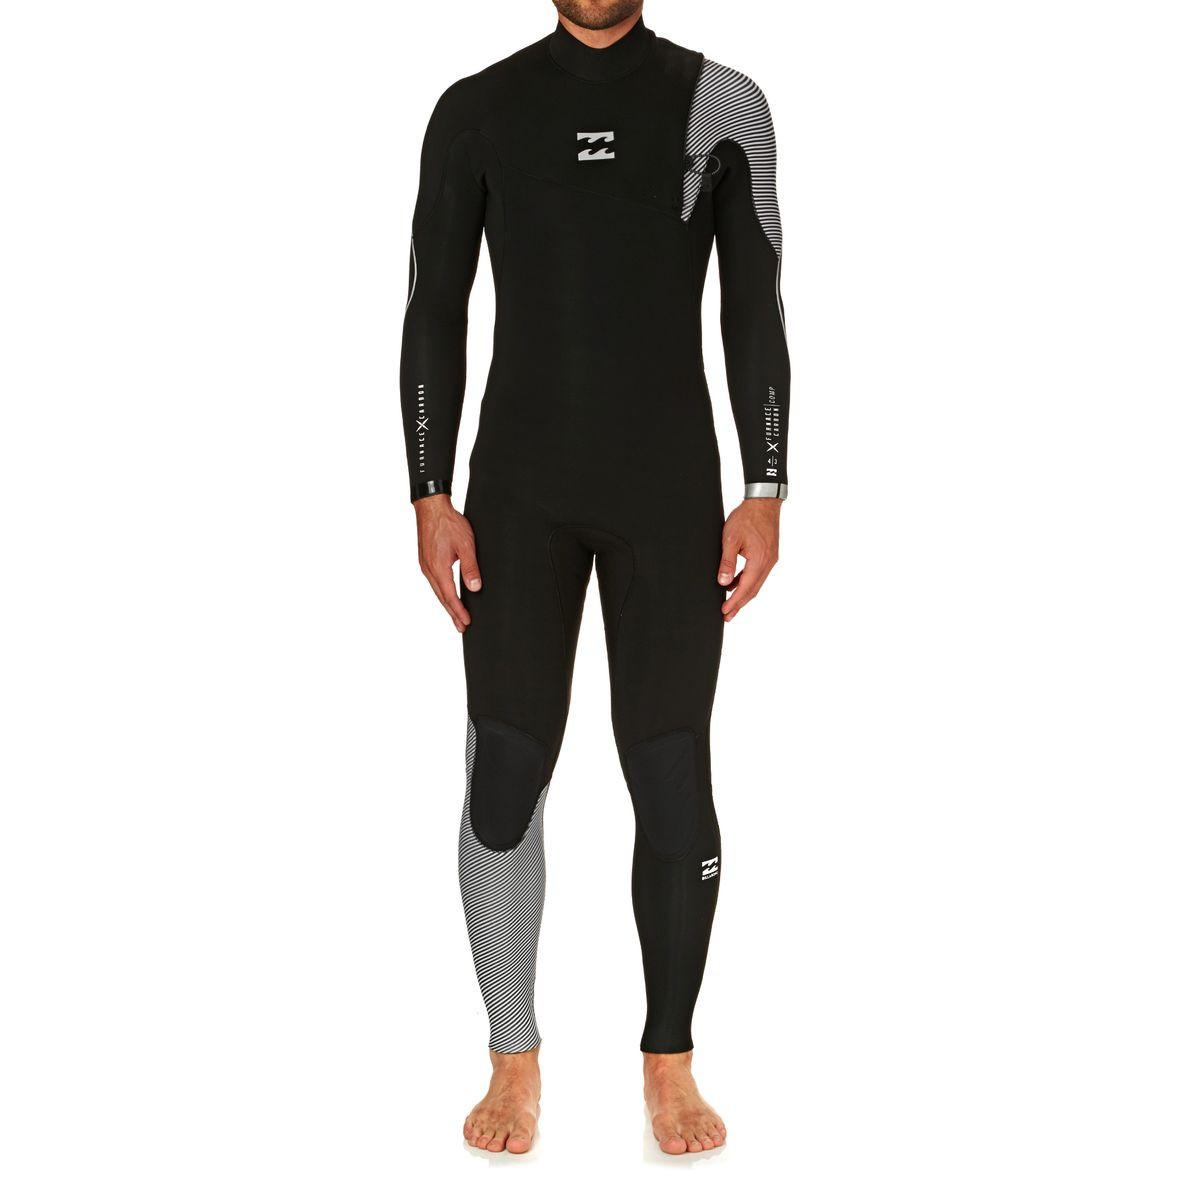 Billabong Furnace Comp 4/3mm 2018 Zipperless Wetsuit - Black